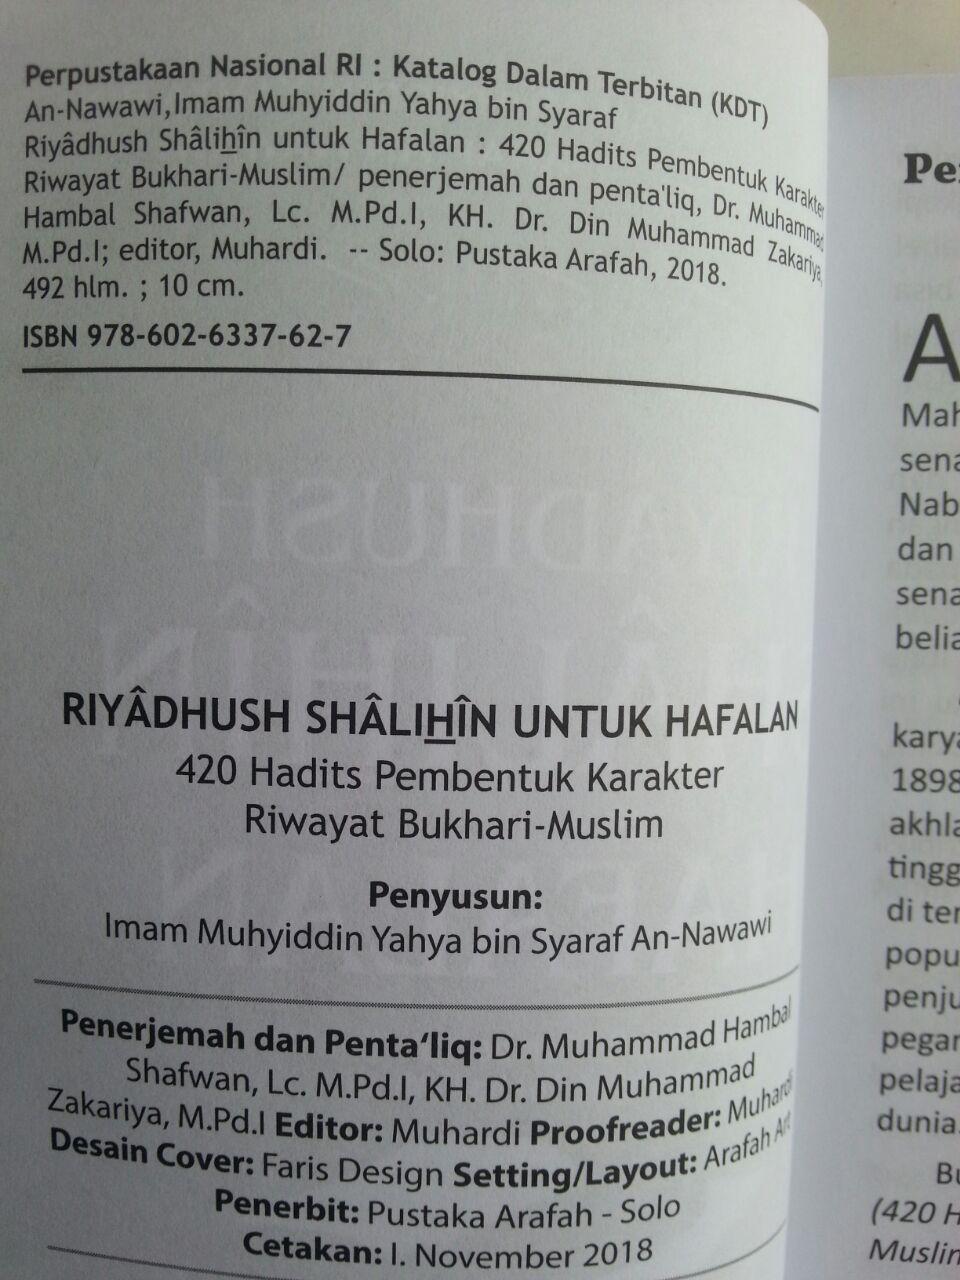 Buku Riyadhus Shalihin Untuk Hafalan 420 Hadits Pembentuk Karakter isi